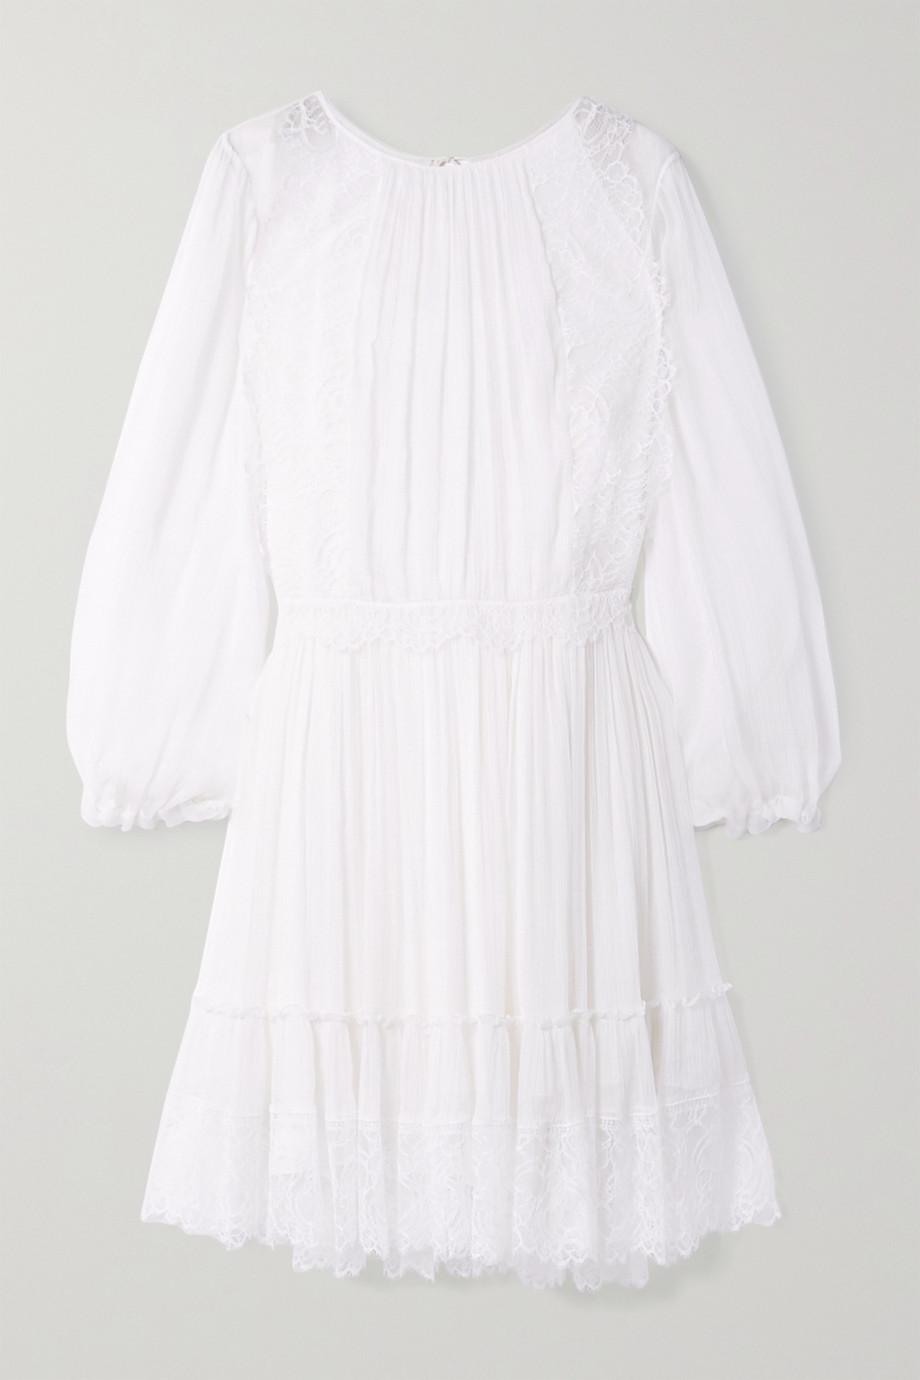 Chloé Lace-trimmed silk-crepon dress